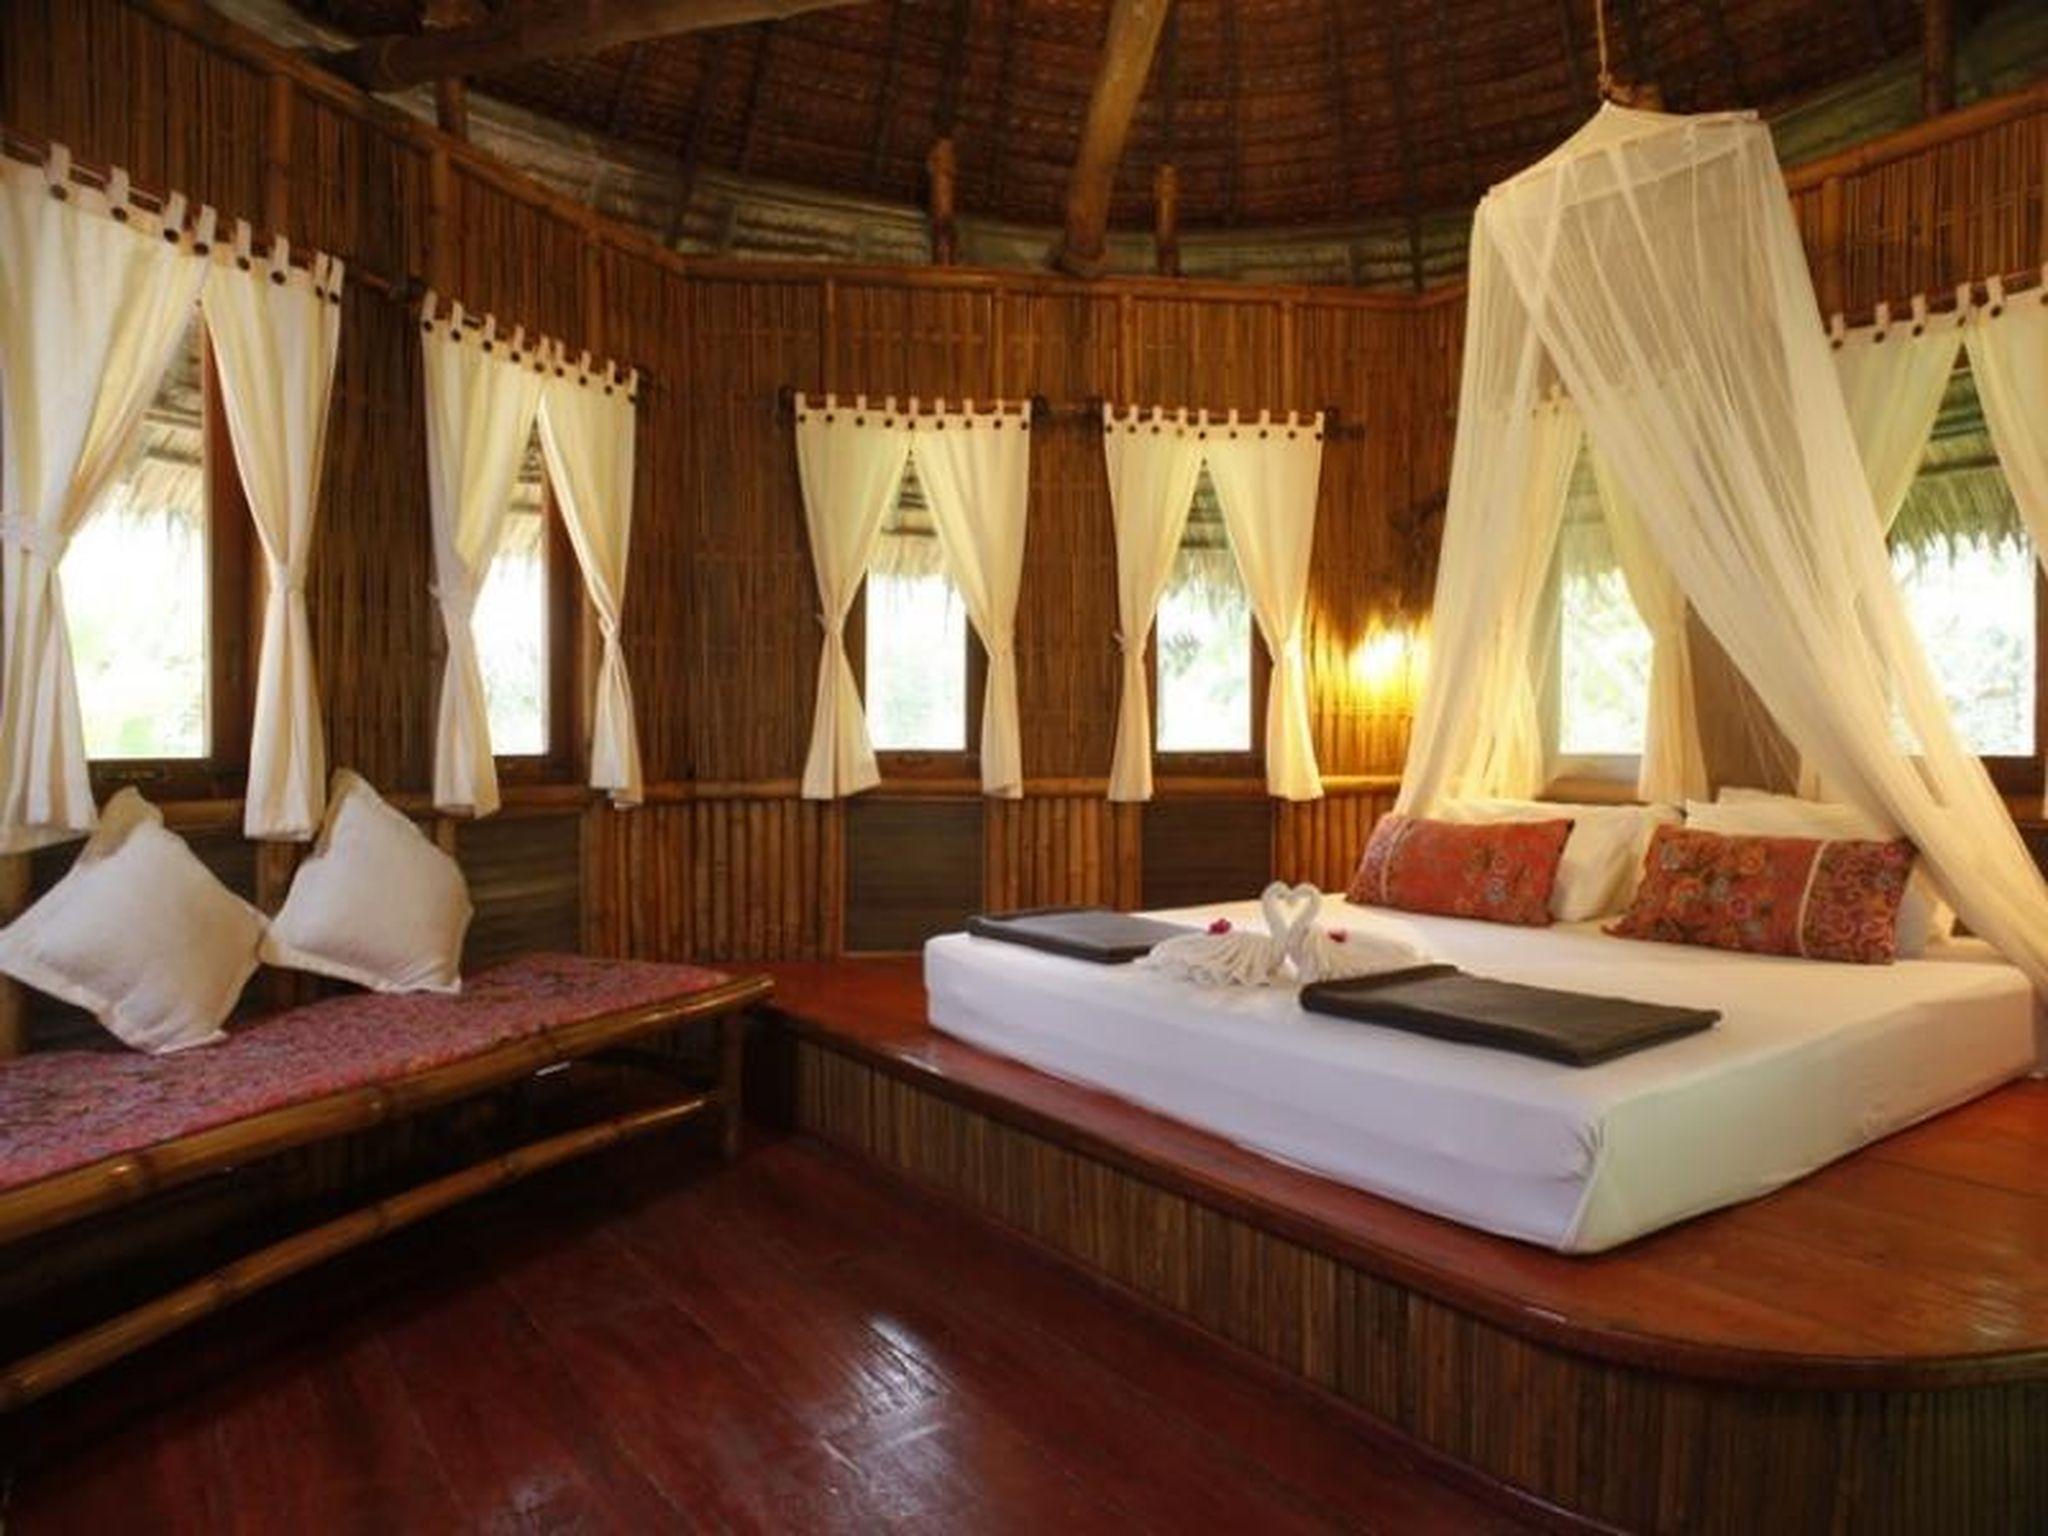 Kuraburi Greenview Resort คุระบุรี กรีนวิว รีสอร์ท